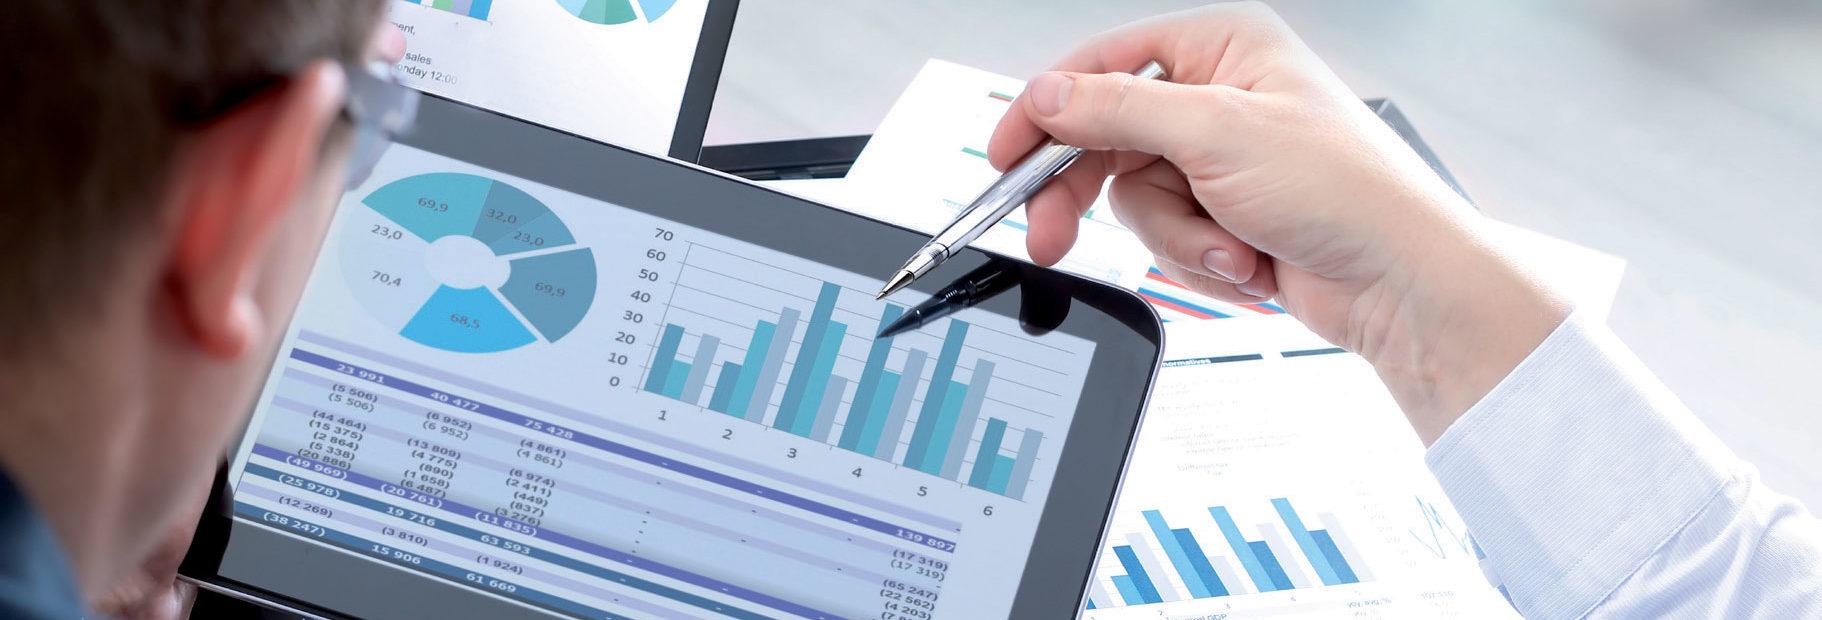 Le diagnostic commercial au service de la performance de l'entreprise